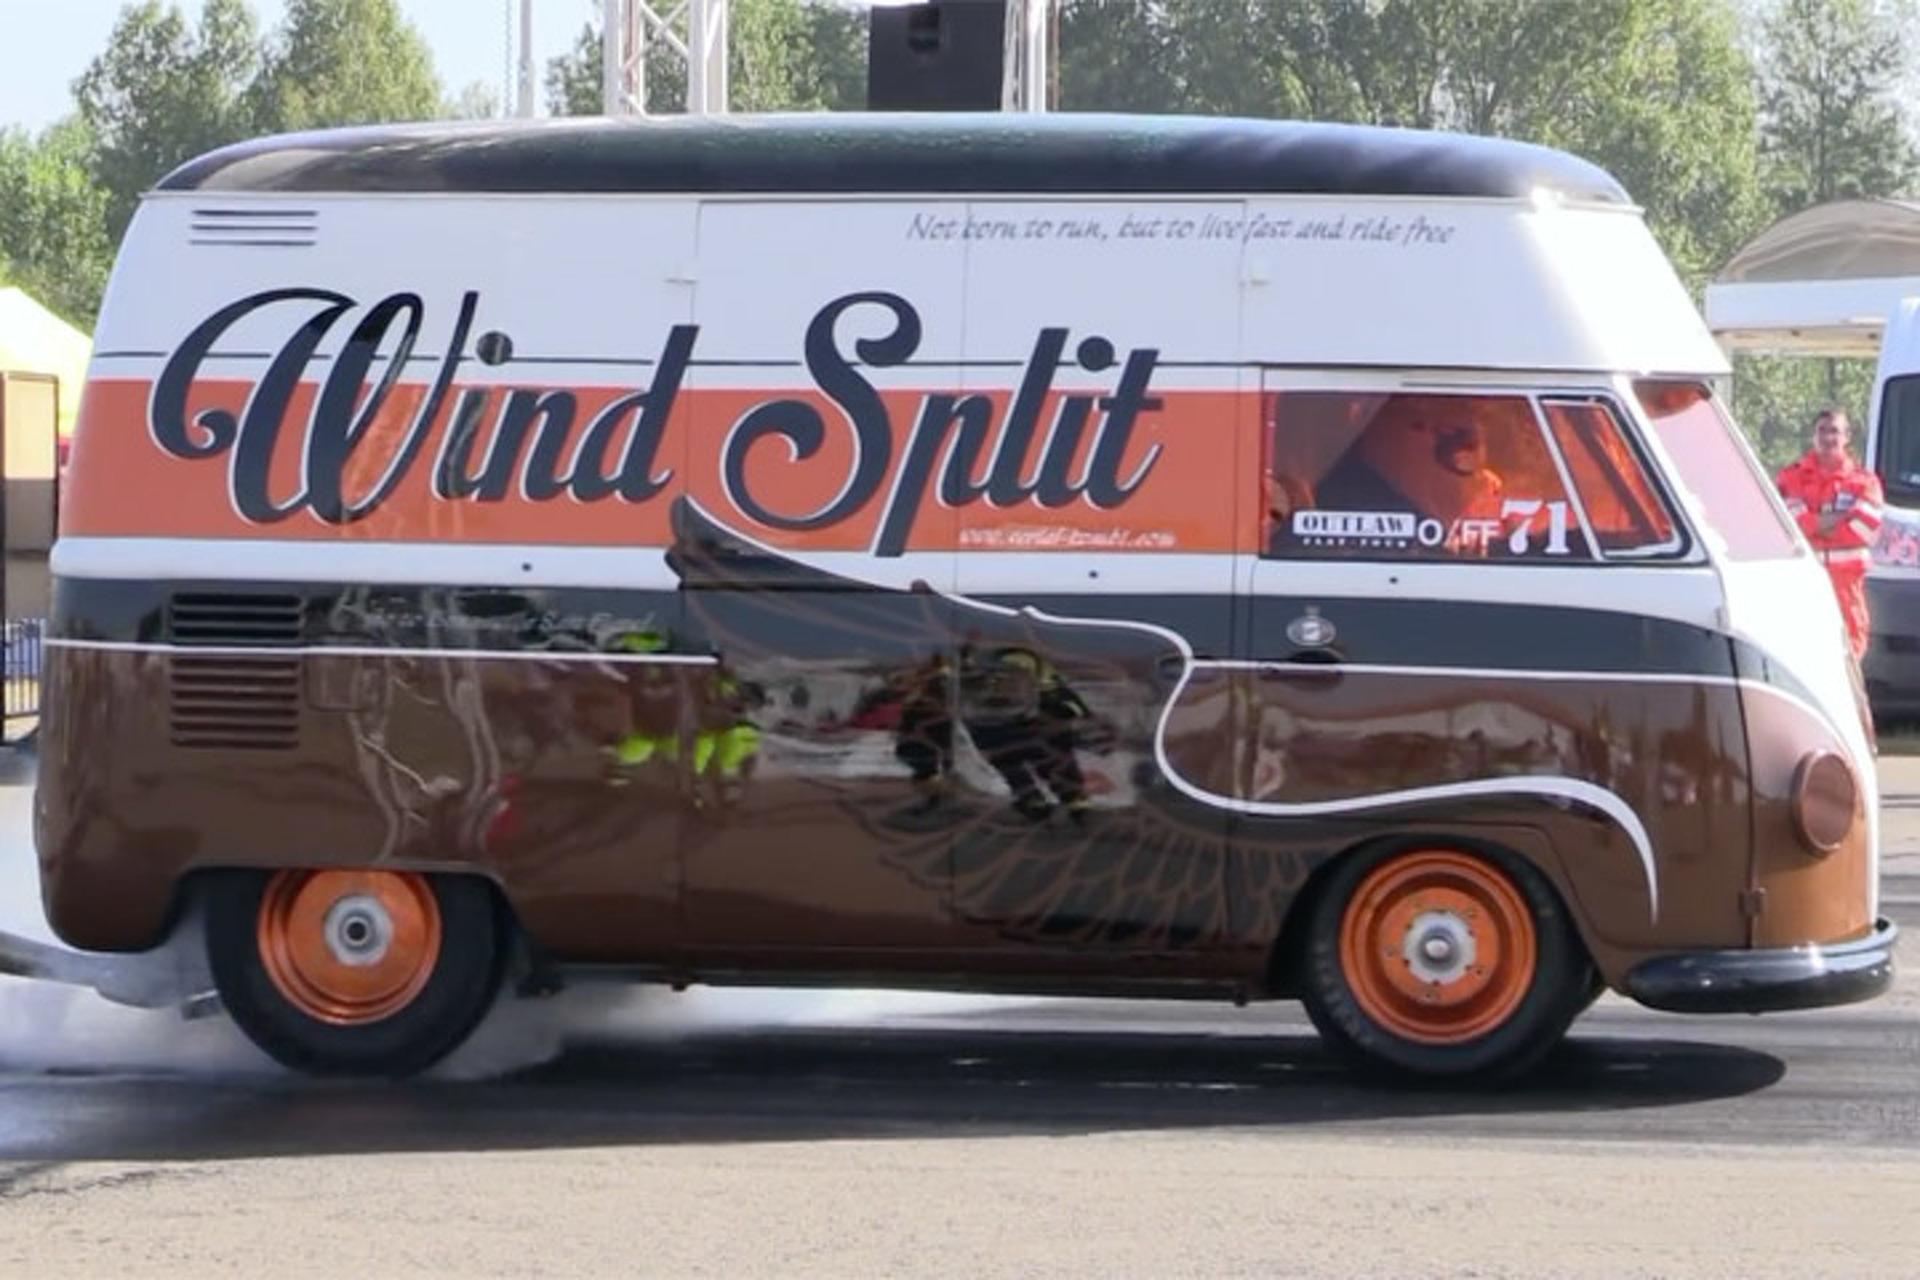 330HP Volkswagen Drag Van Looks Classy, Goes Like Stink